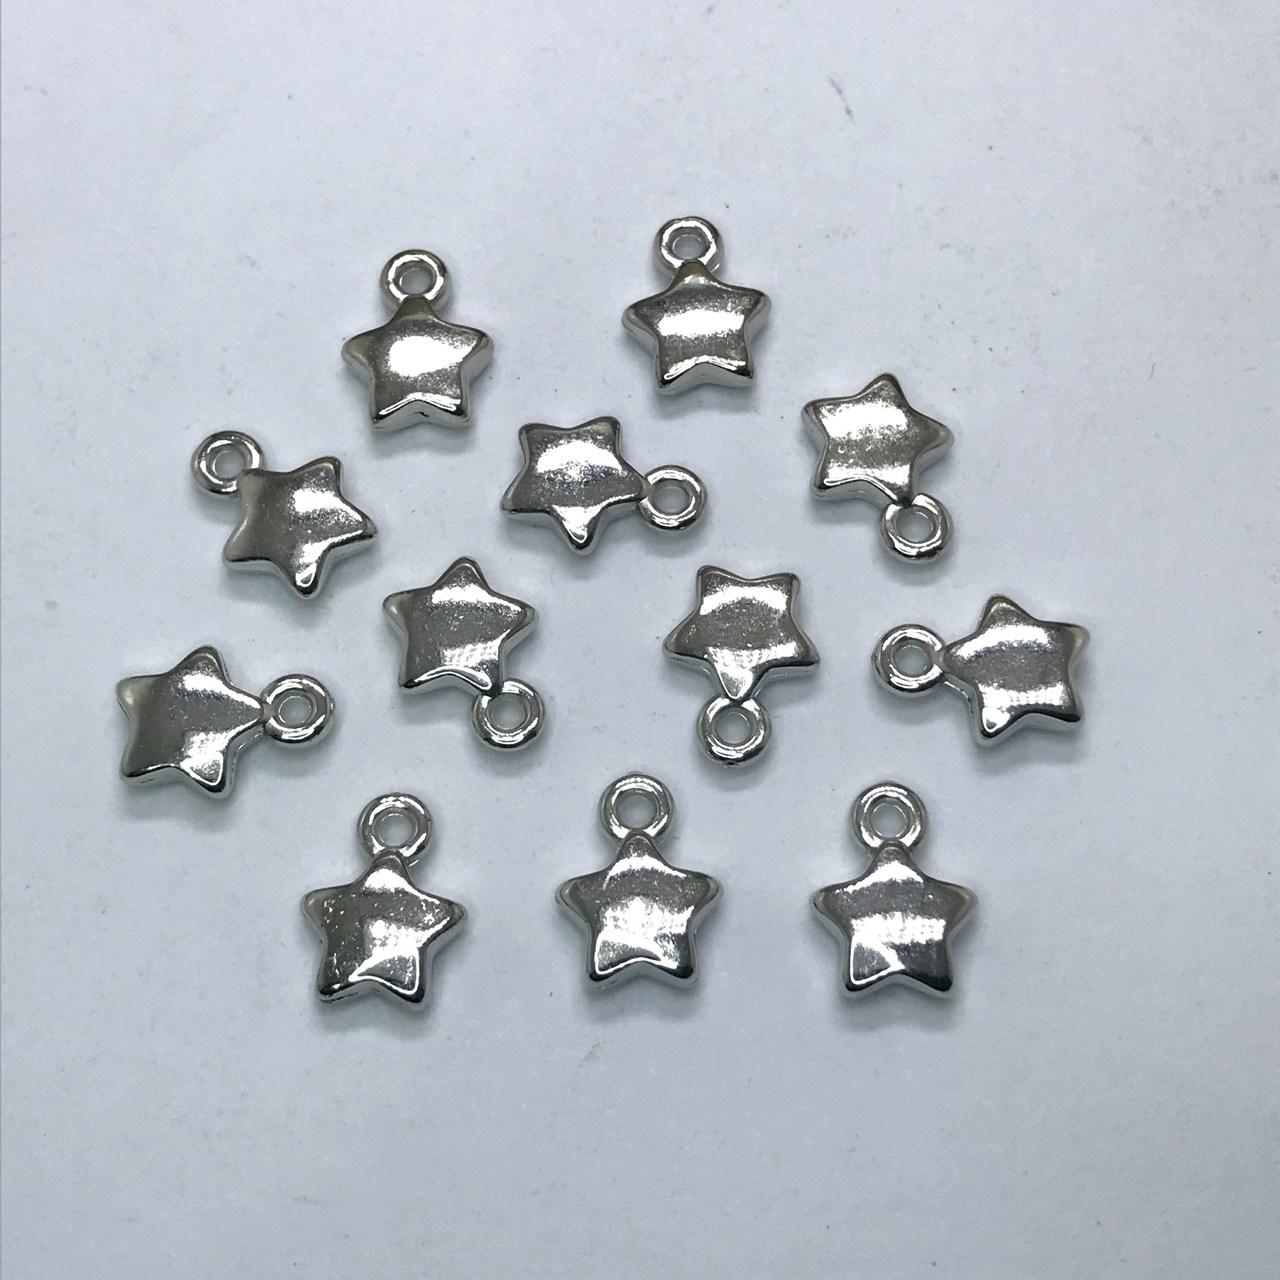 pingente estrela prata 10mm 12 unidades